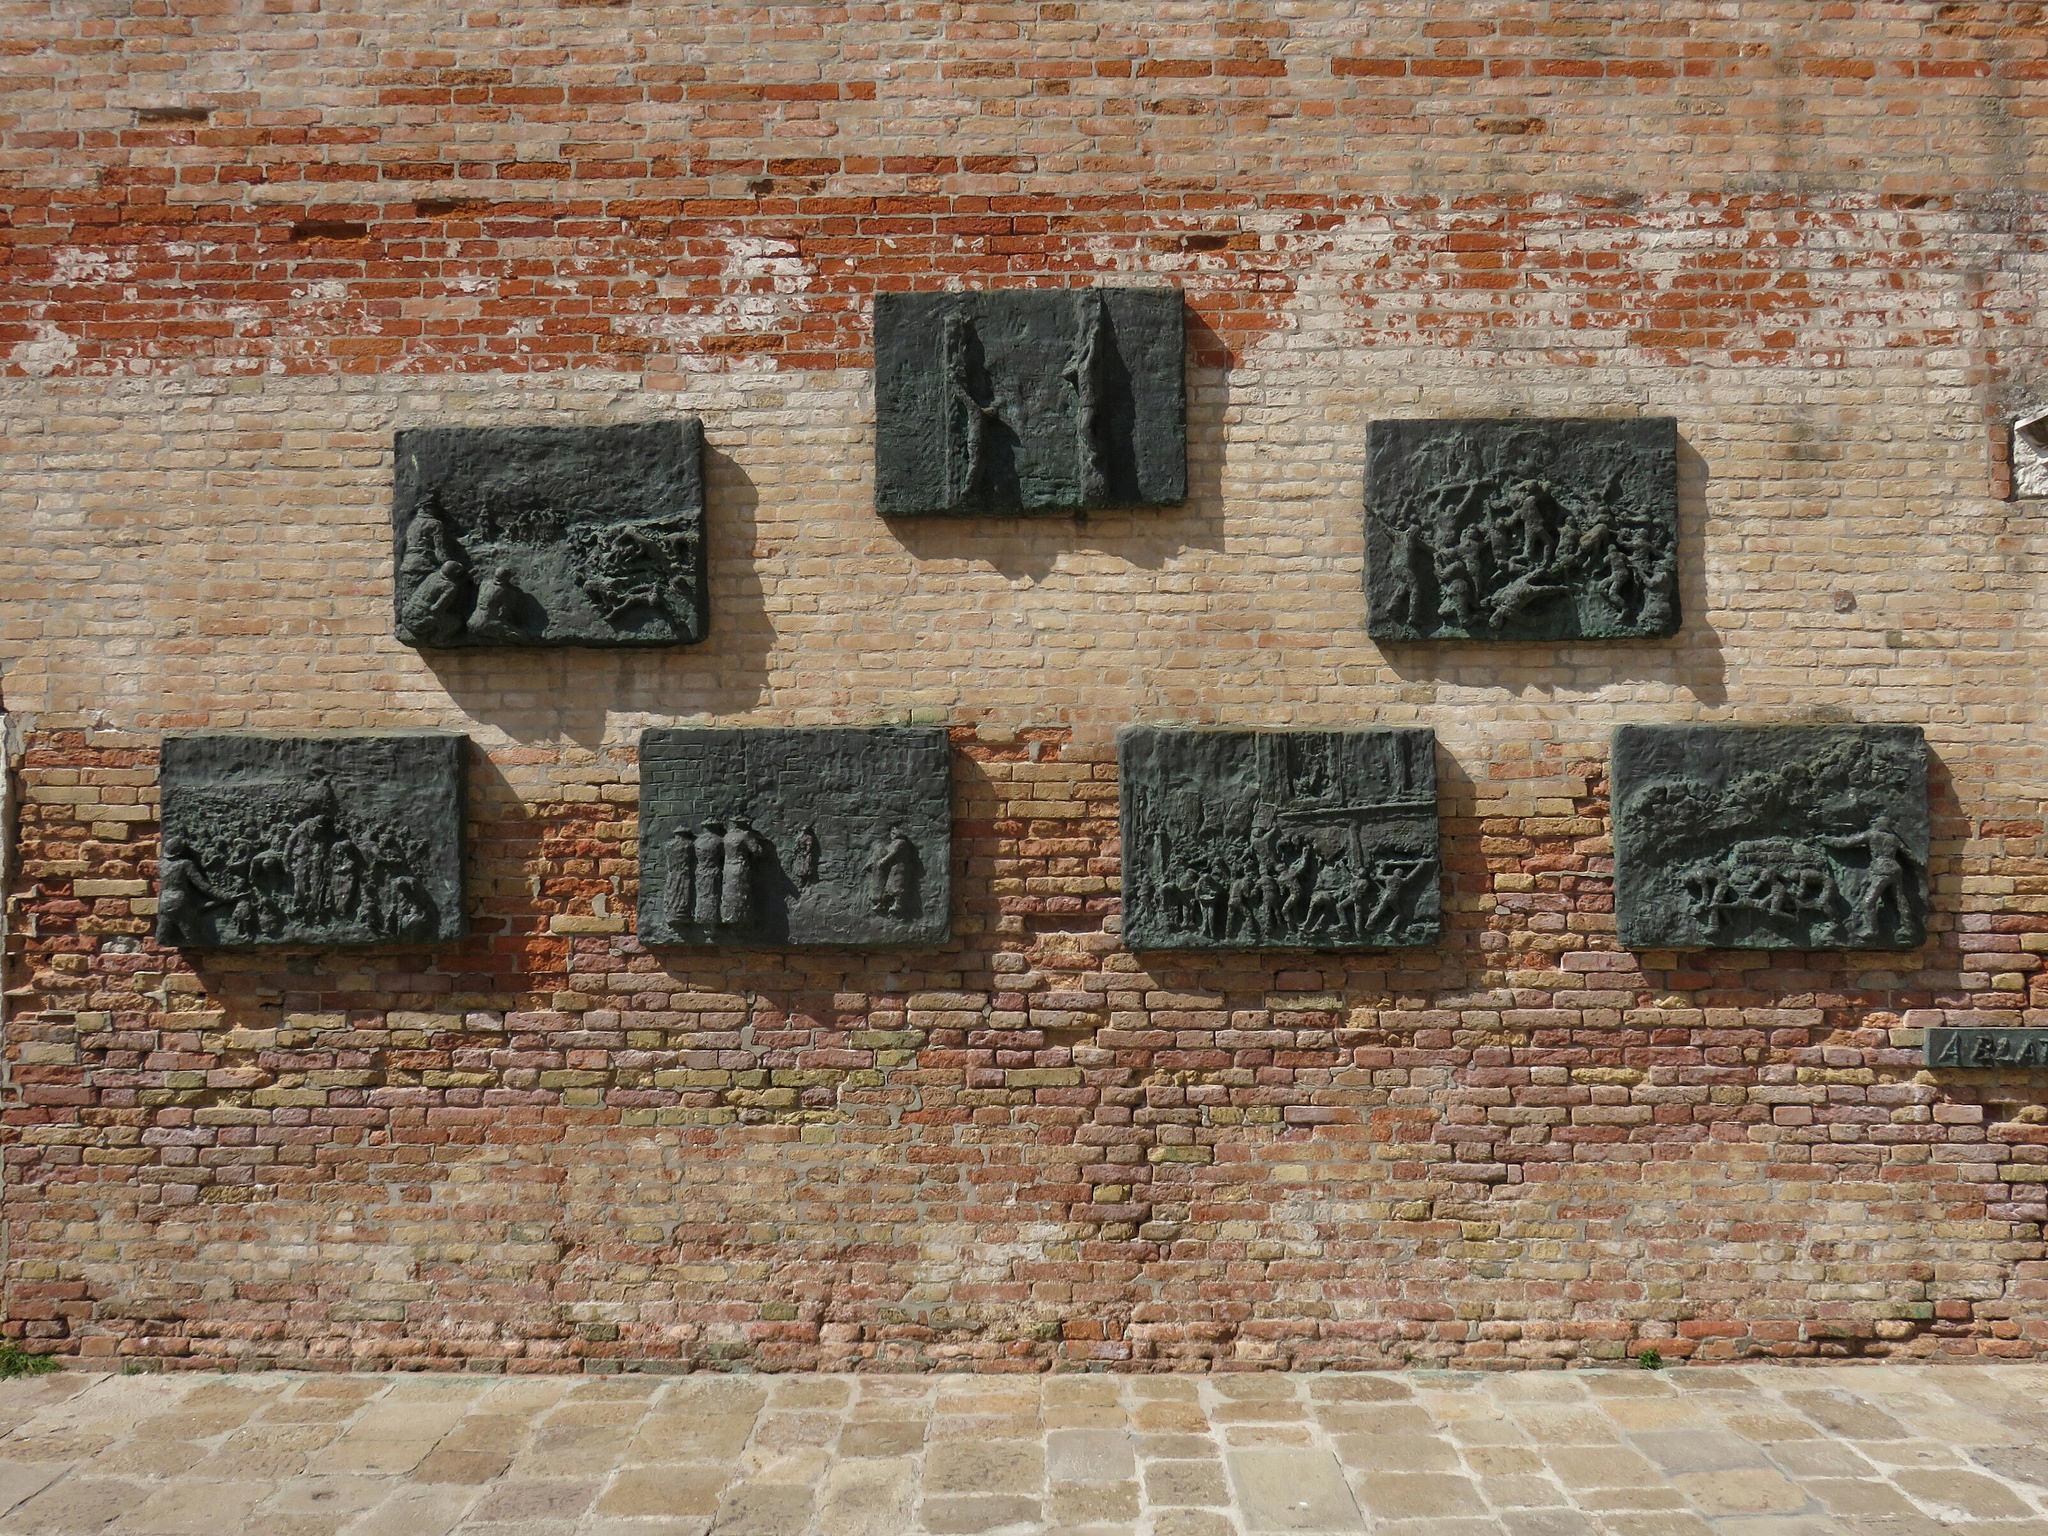 venezia muro ghetto ebraico